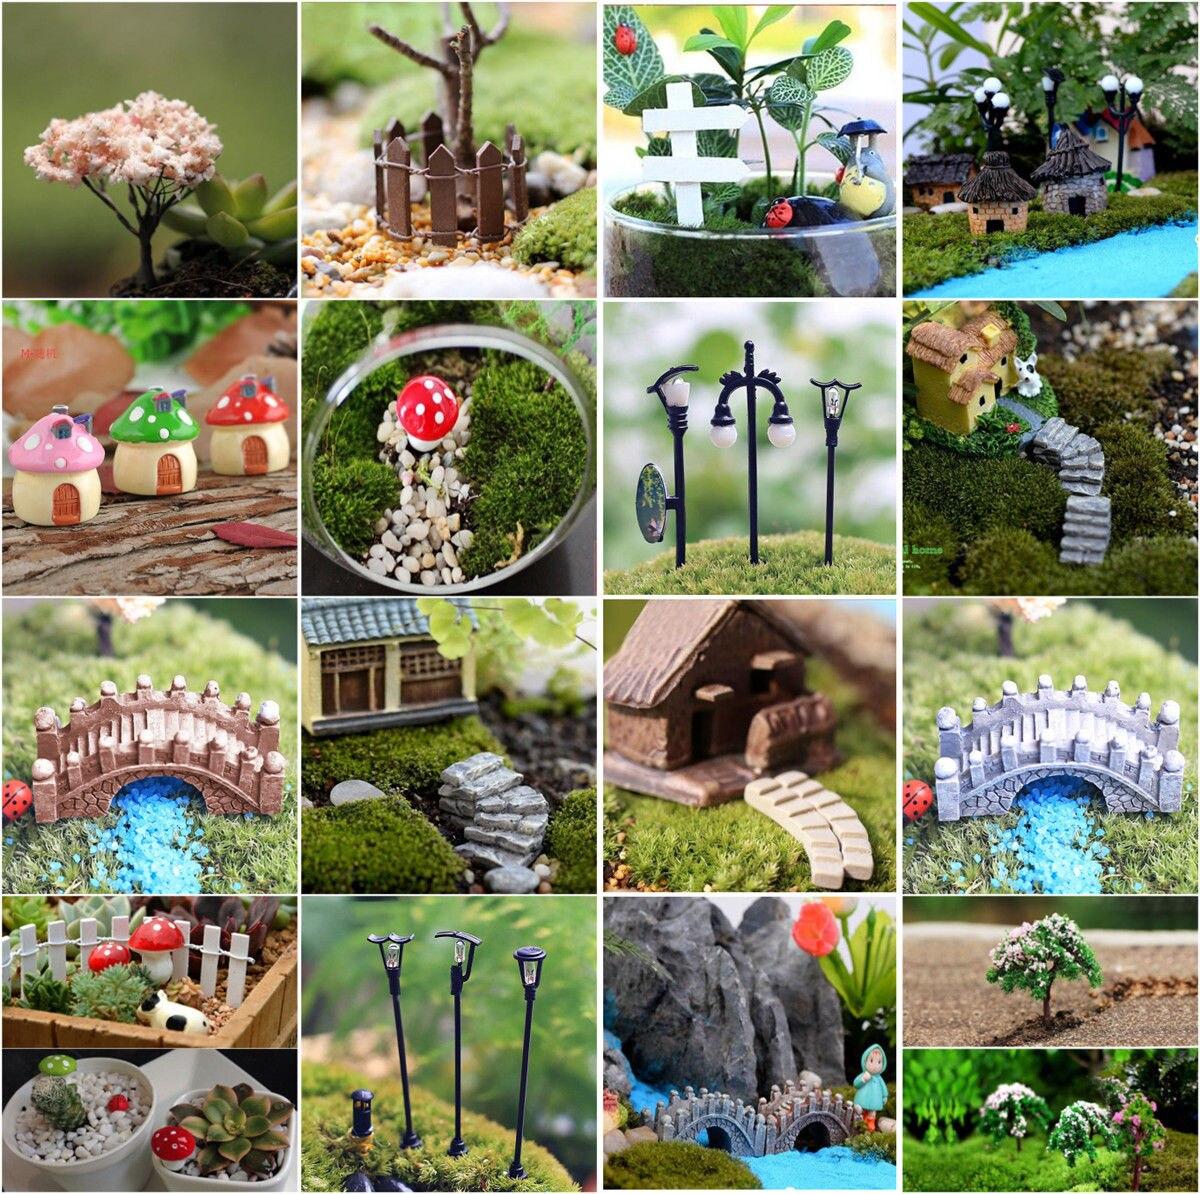 Mini Handwerk Figurine Blumentopf Garten Ornament Miniatur Fee Garten Decor DIY